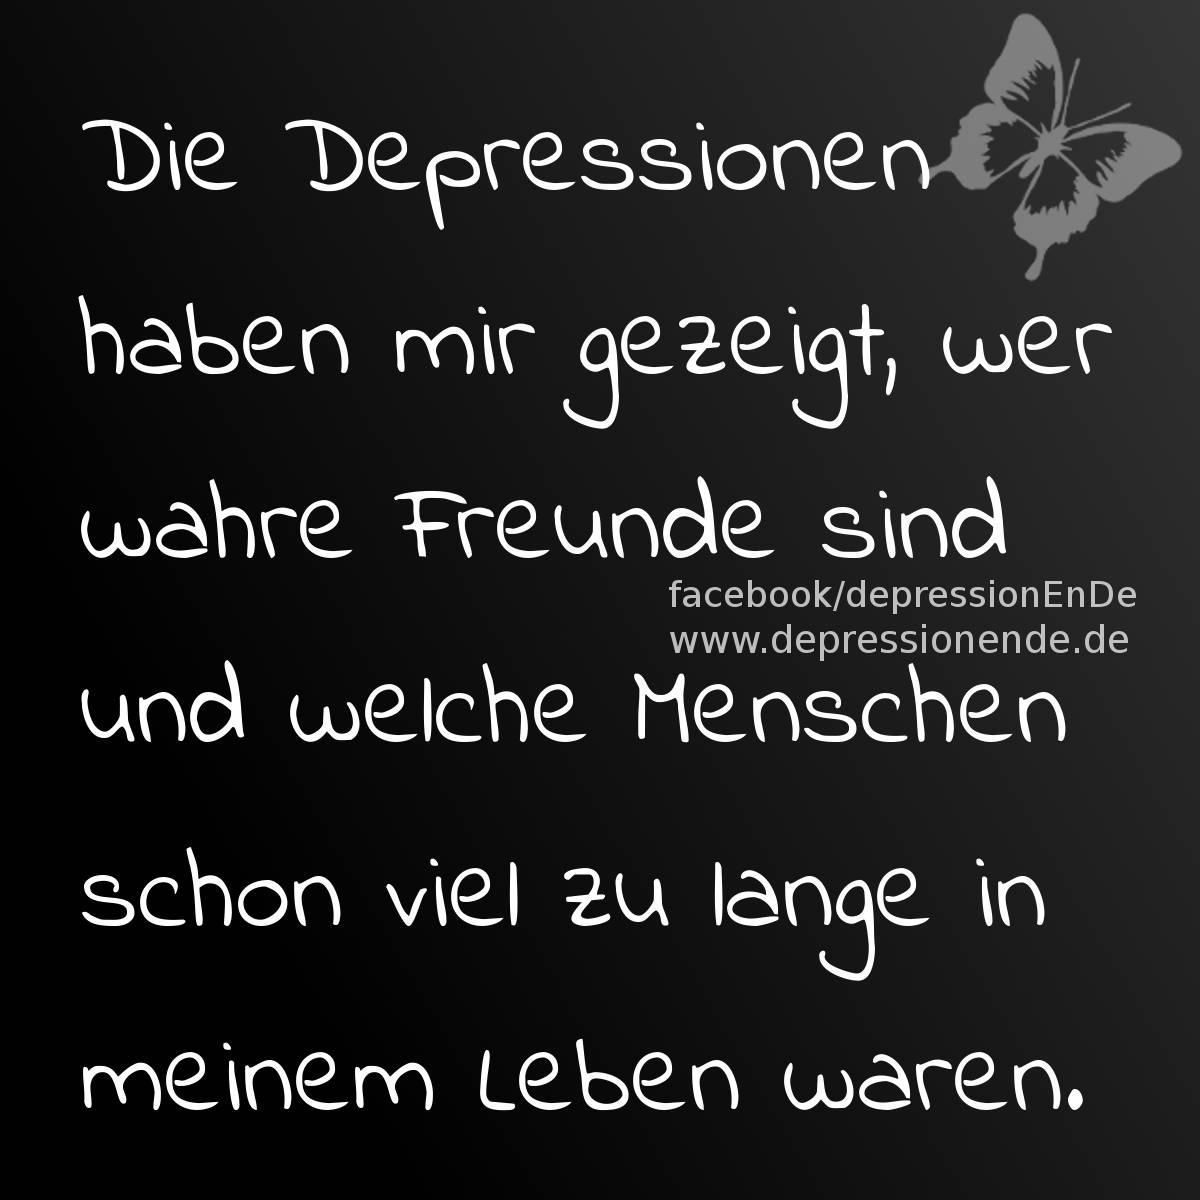 Depressionen: Zitate, Sprüche, Spruchbilder und Gedanken